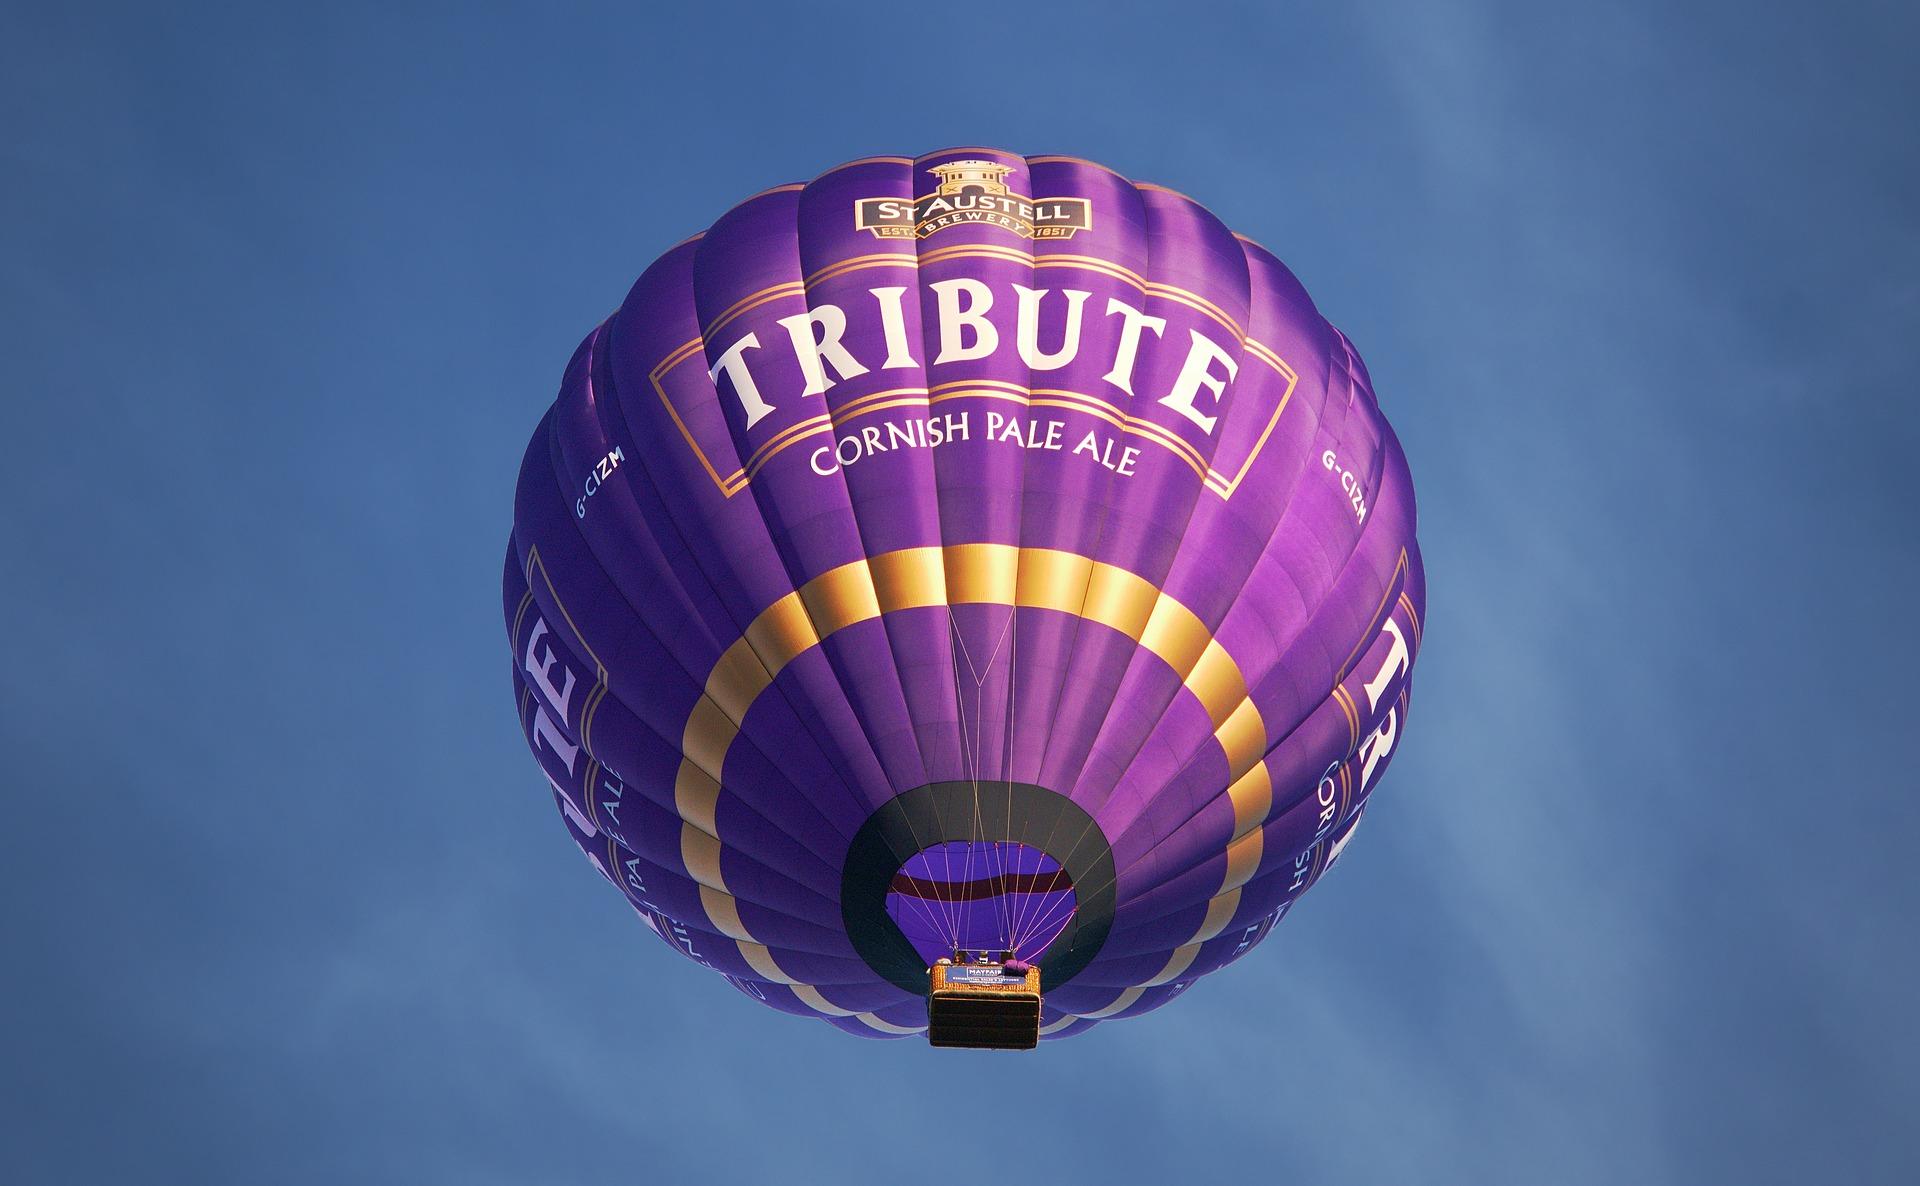 balloon-1970531_1920